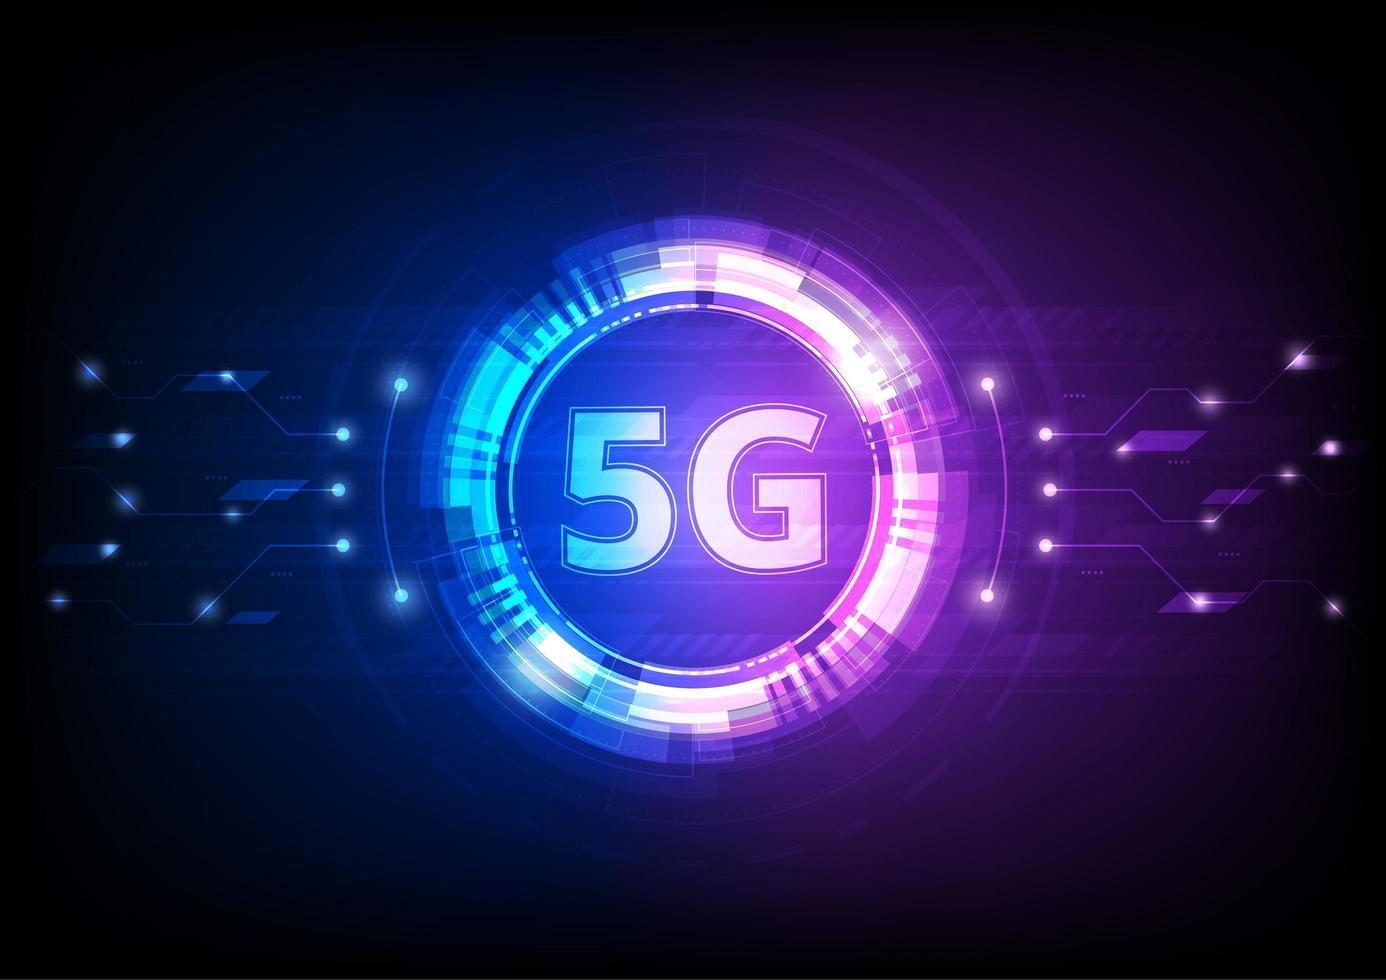 icona digitale tecnologia 5g blu e rosa vettore